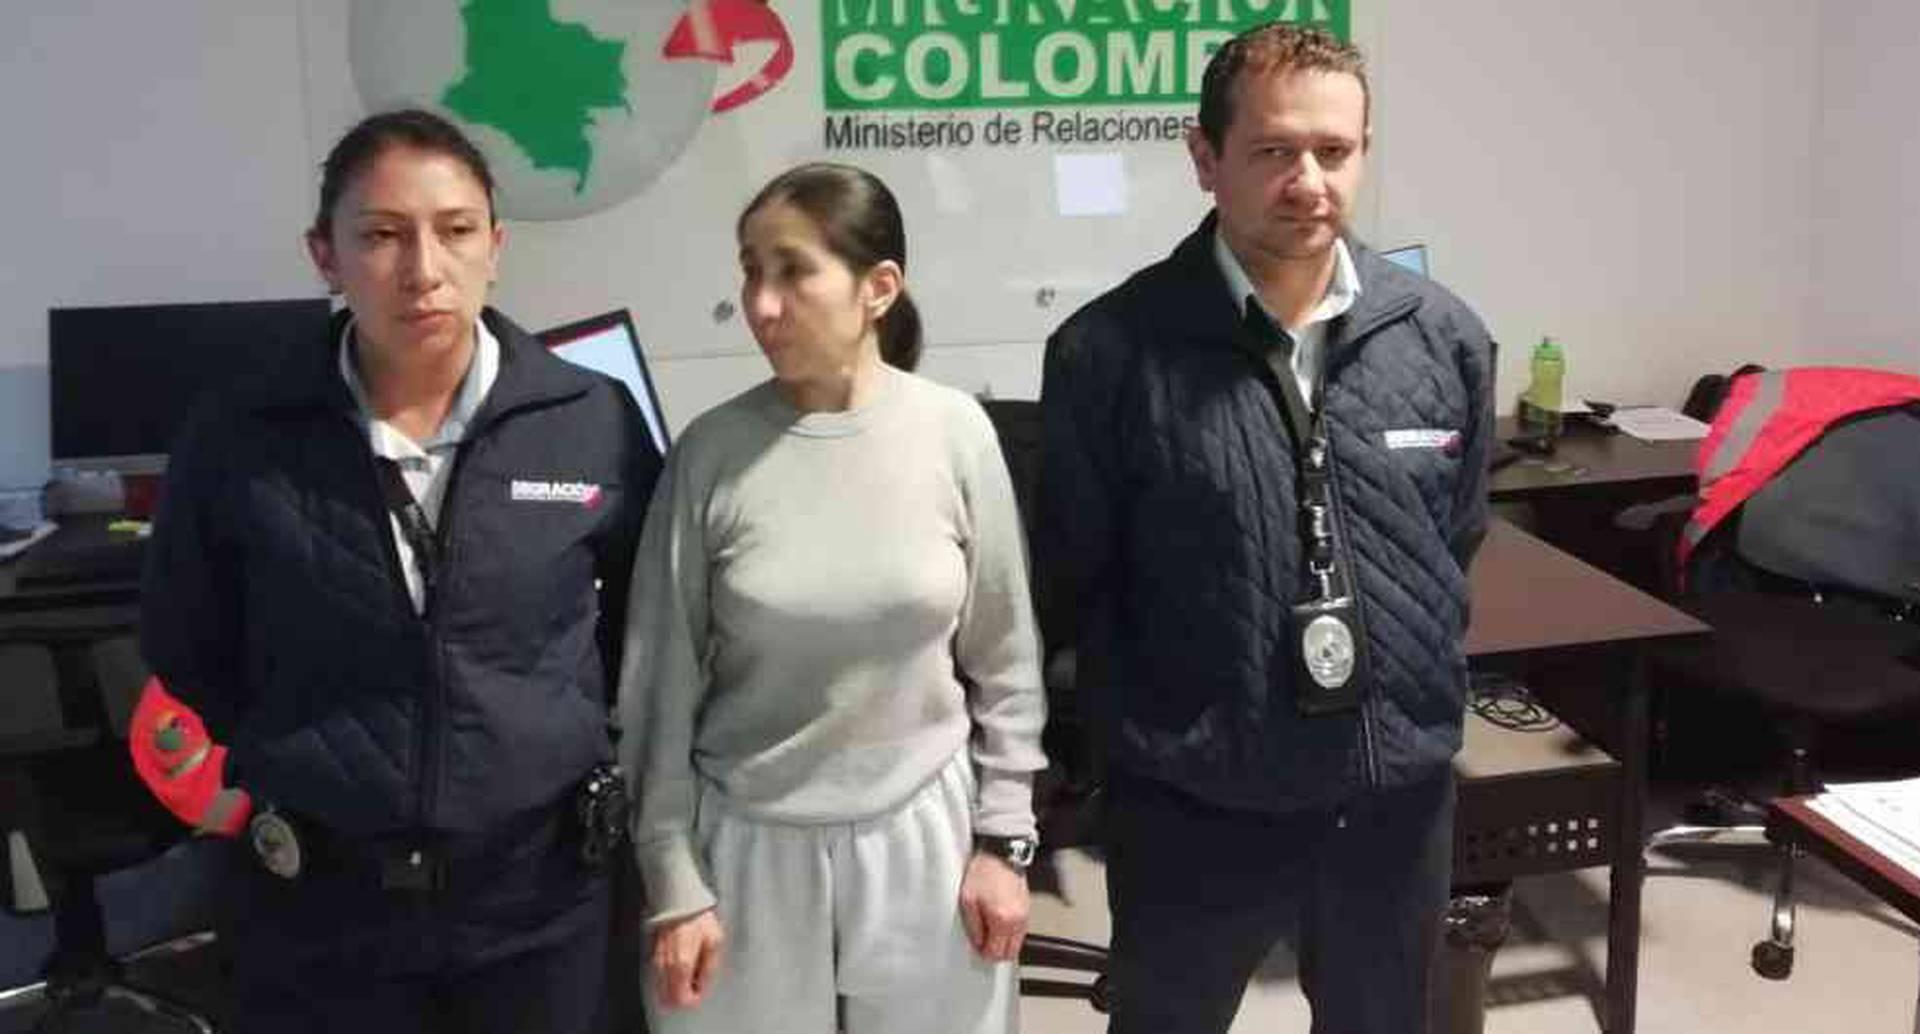 Alias Sonia aterriza en Colombia tras cumplir condena por narcotráfico